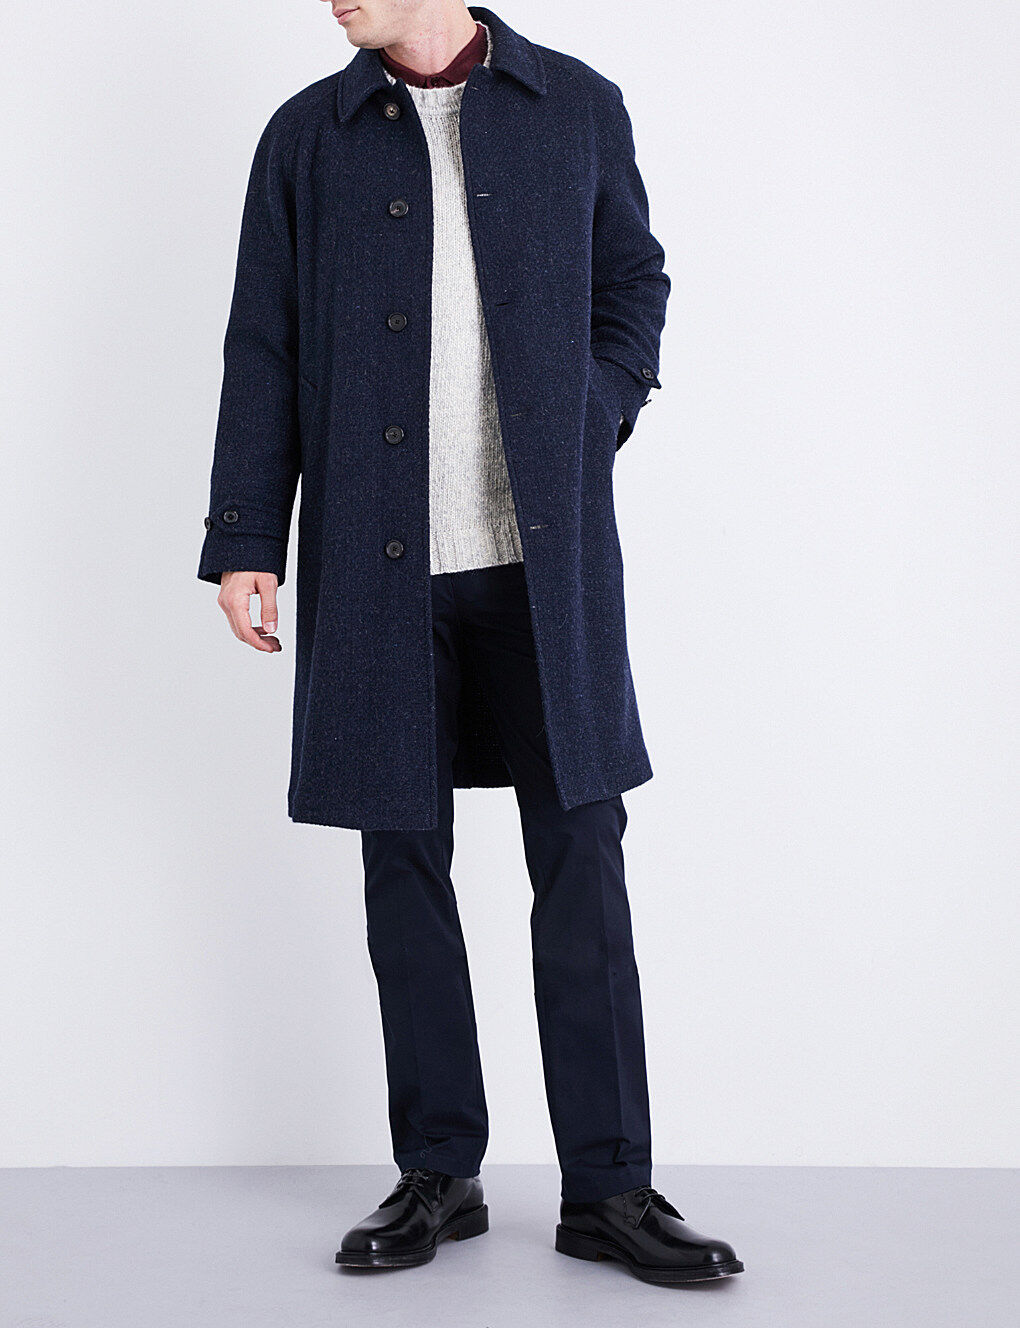 2,995 Ralph Lauren lila Label Navy Basket-weave Wool Trenchcoat Topcoat 40R